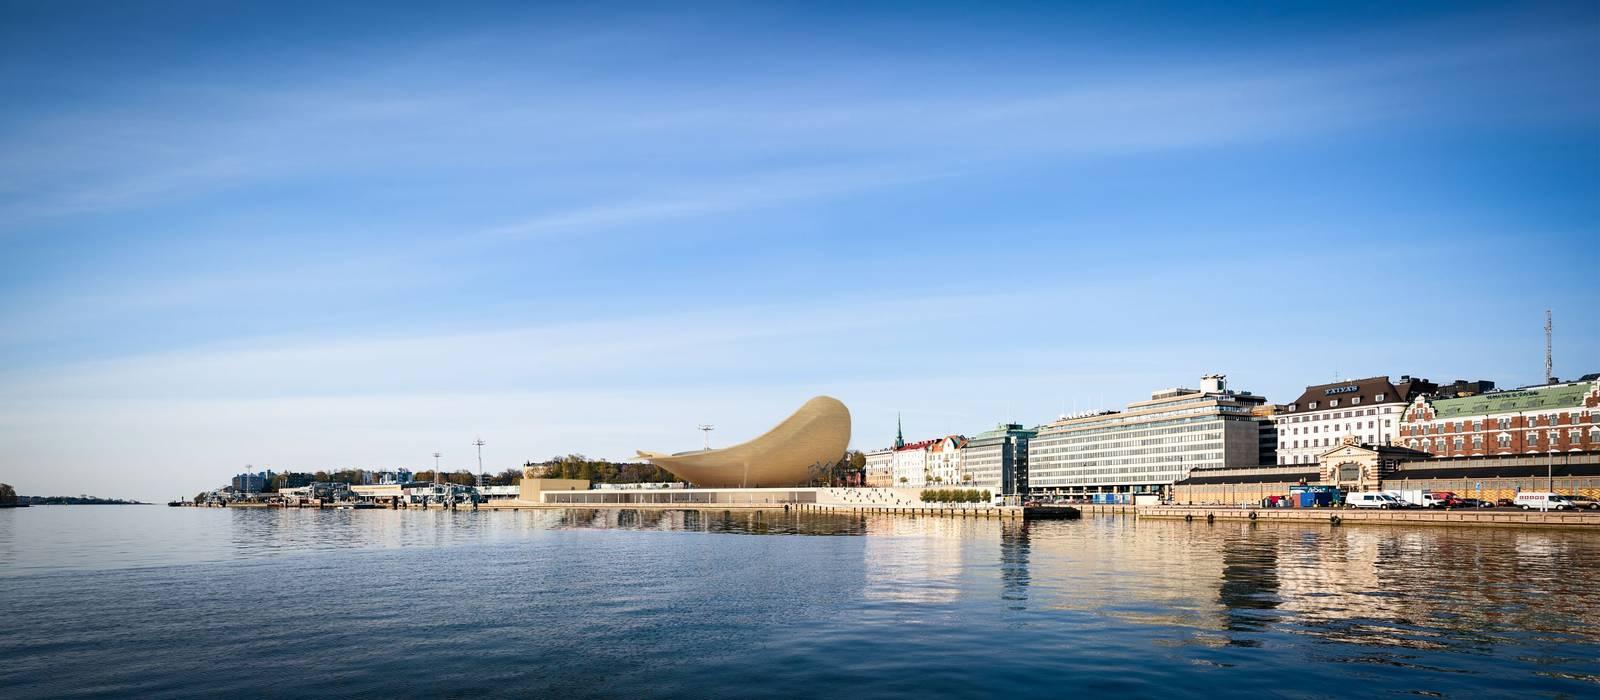 스칸디나비아 스타일 박물관 by AGE/Alejandro Gaona Estudio 북유럽 우드 우드 그레인